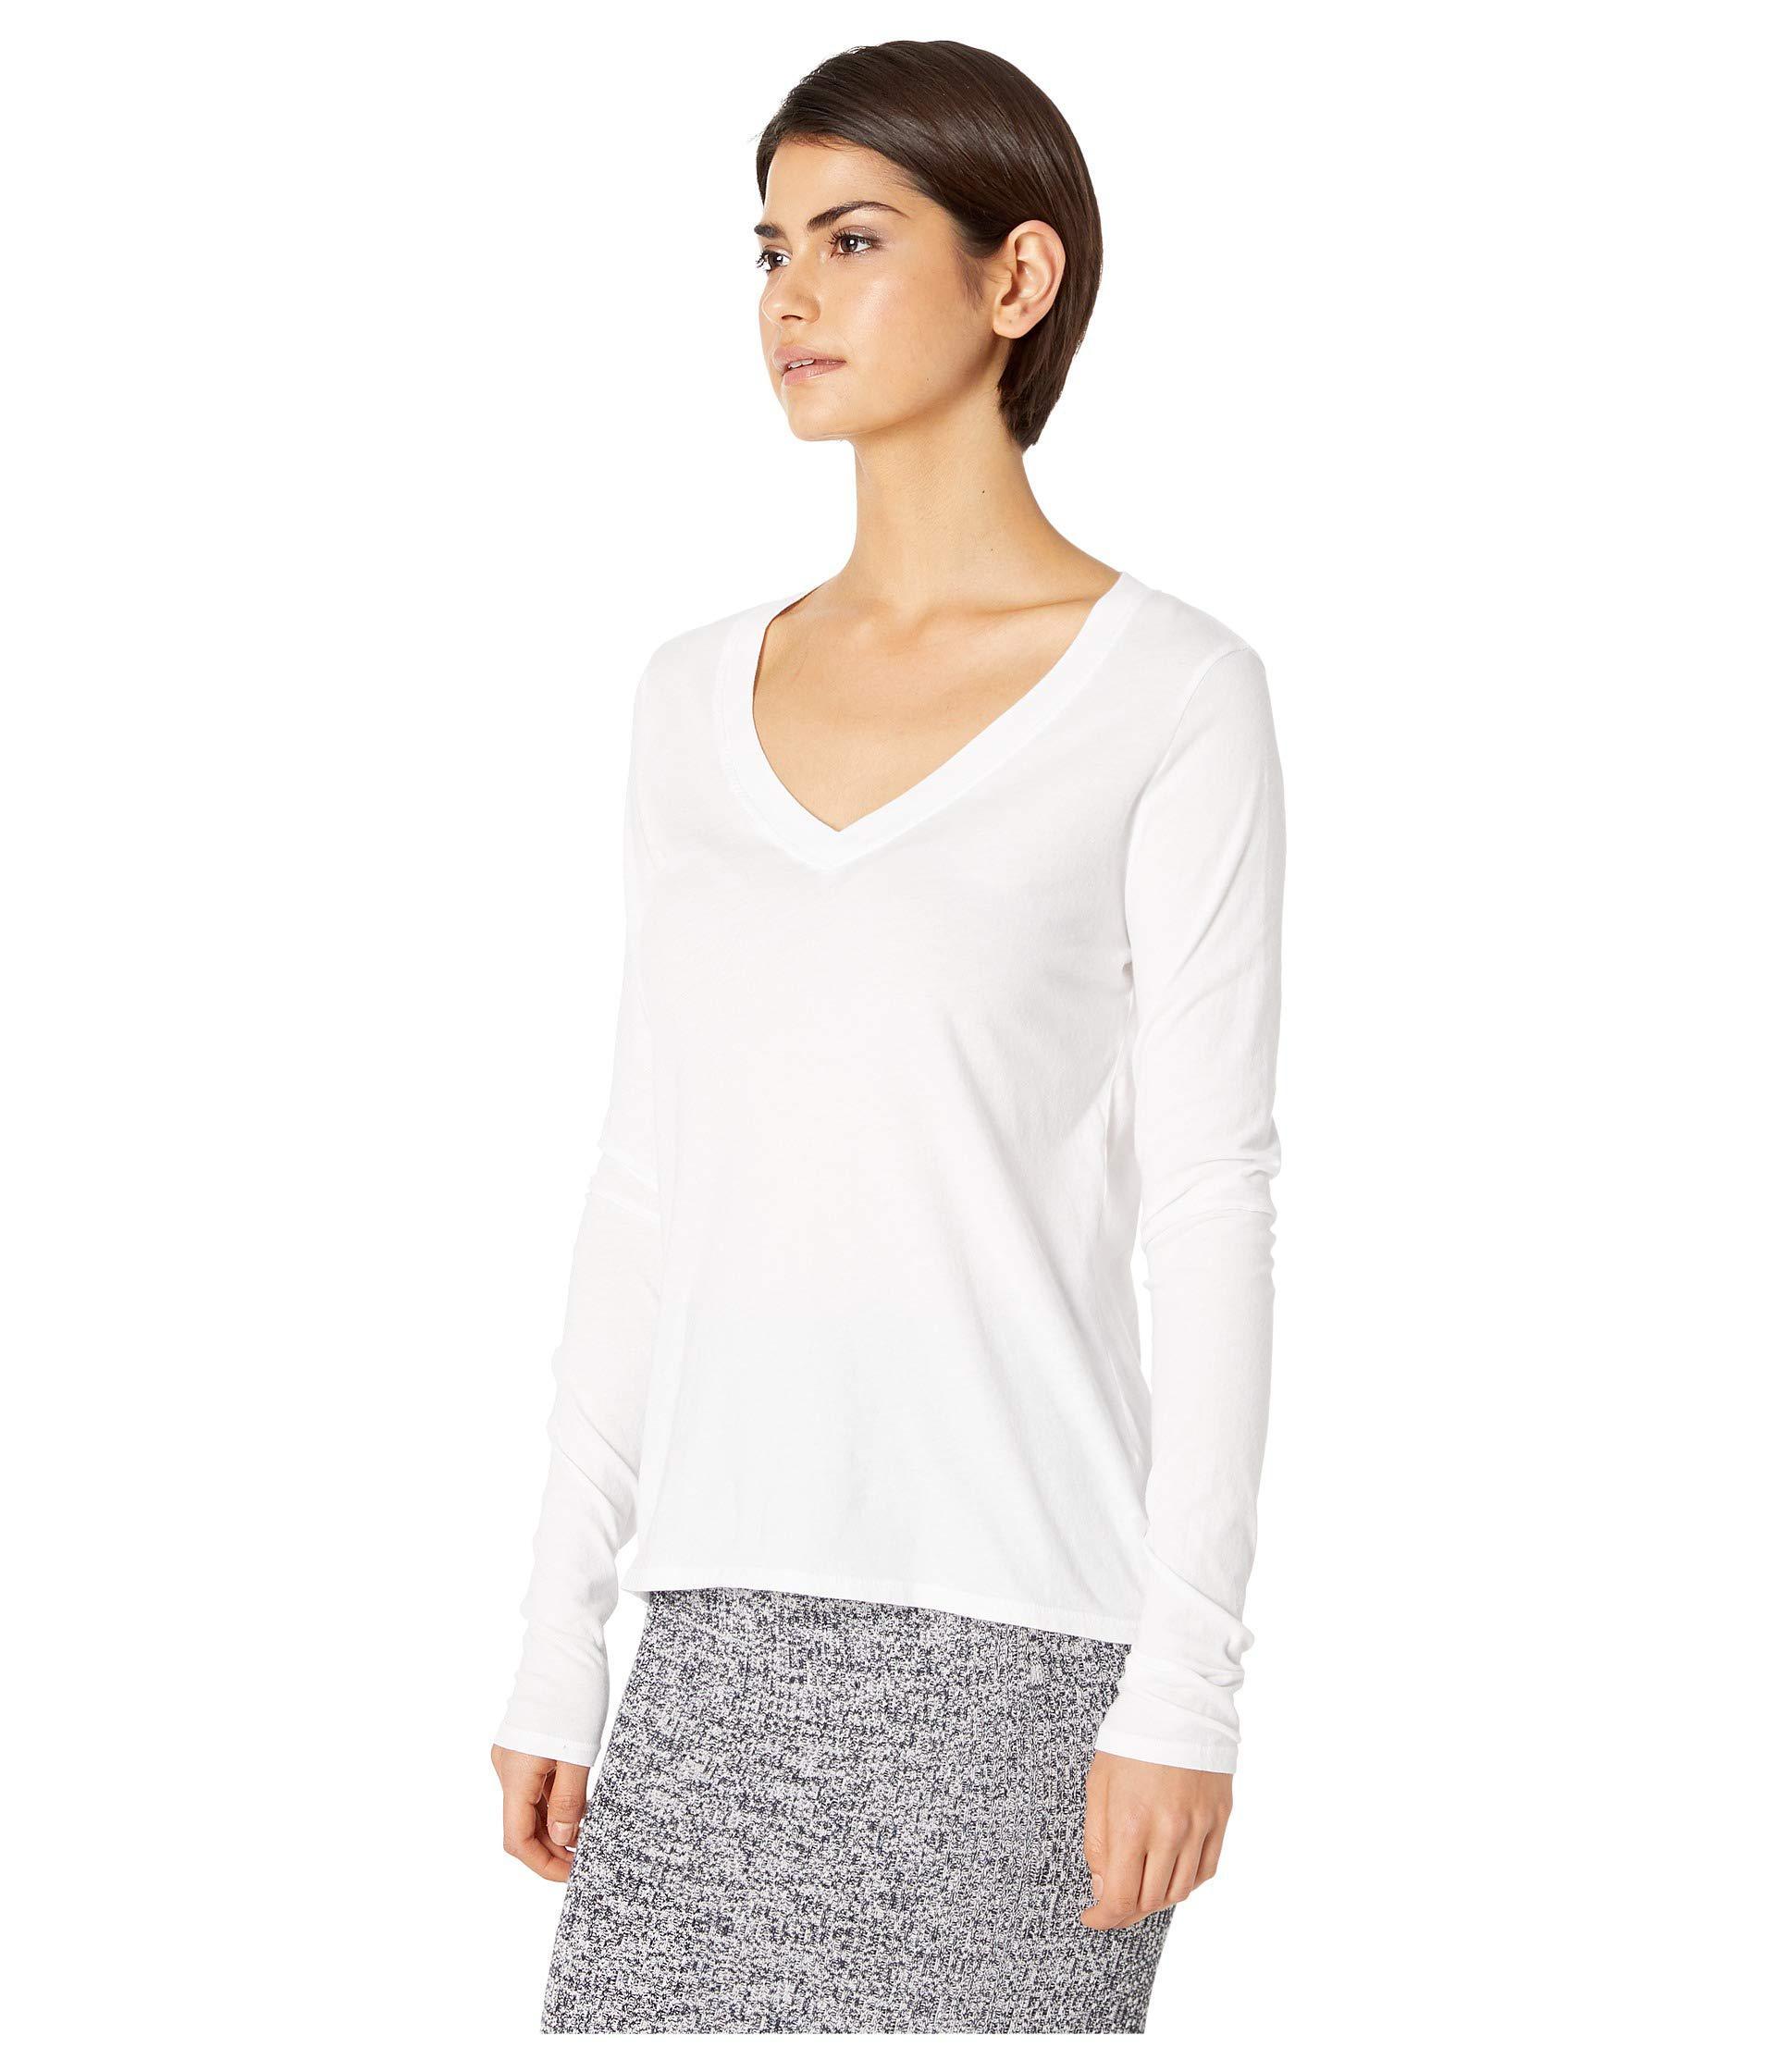 57e60663 Lamade - White Long Sleeve V-neck In Tissue Jersey (black) Women's Long.  View fullscreen